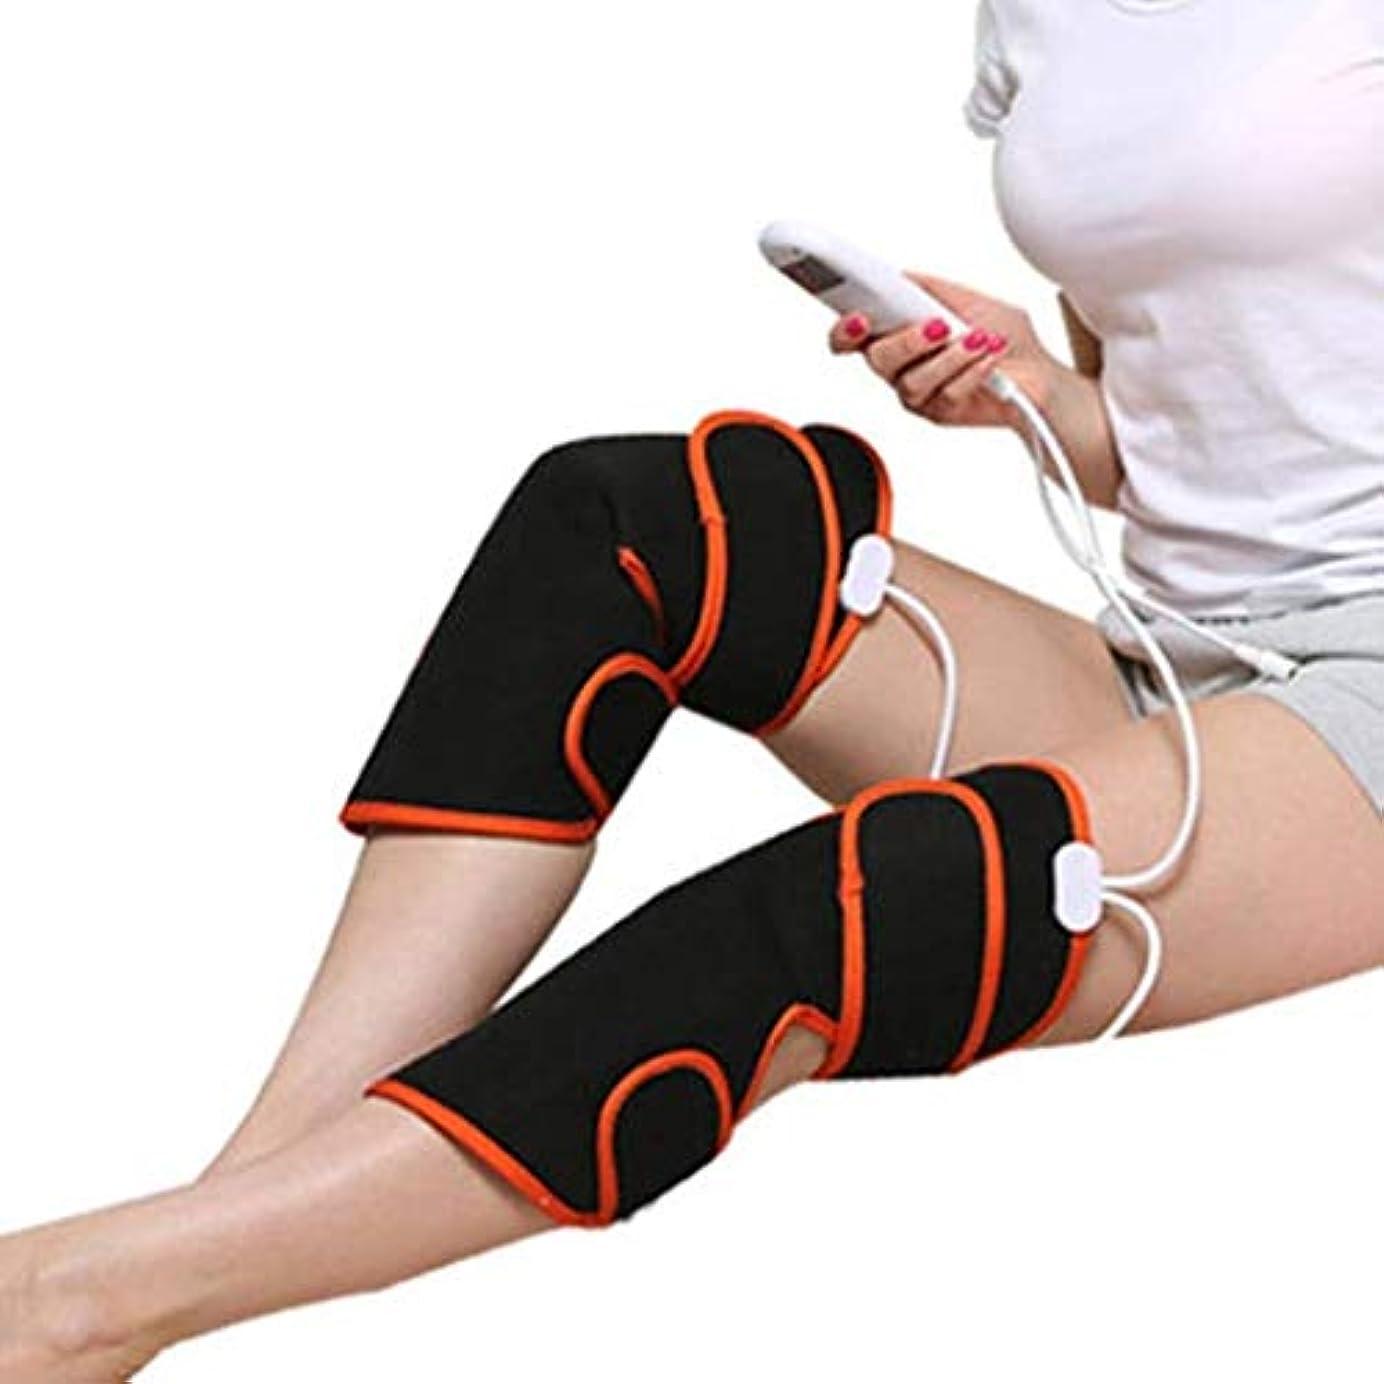 誠実さテスト詳細な暖房付き膝マッサージャー、電動バイブレーションマッサージャー、膝マッサージャーを定期的に加熱できます、筋肉の痛みを緩和するモード、9モード、冷たい脚、骨過形成患者、術後リハビリ